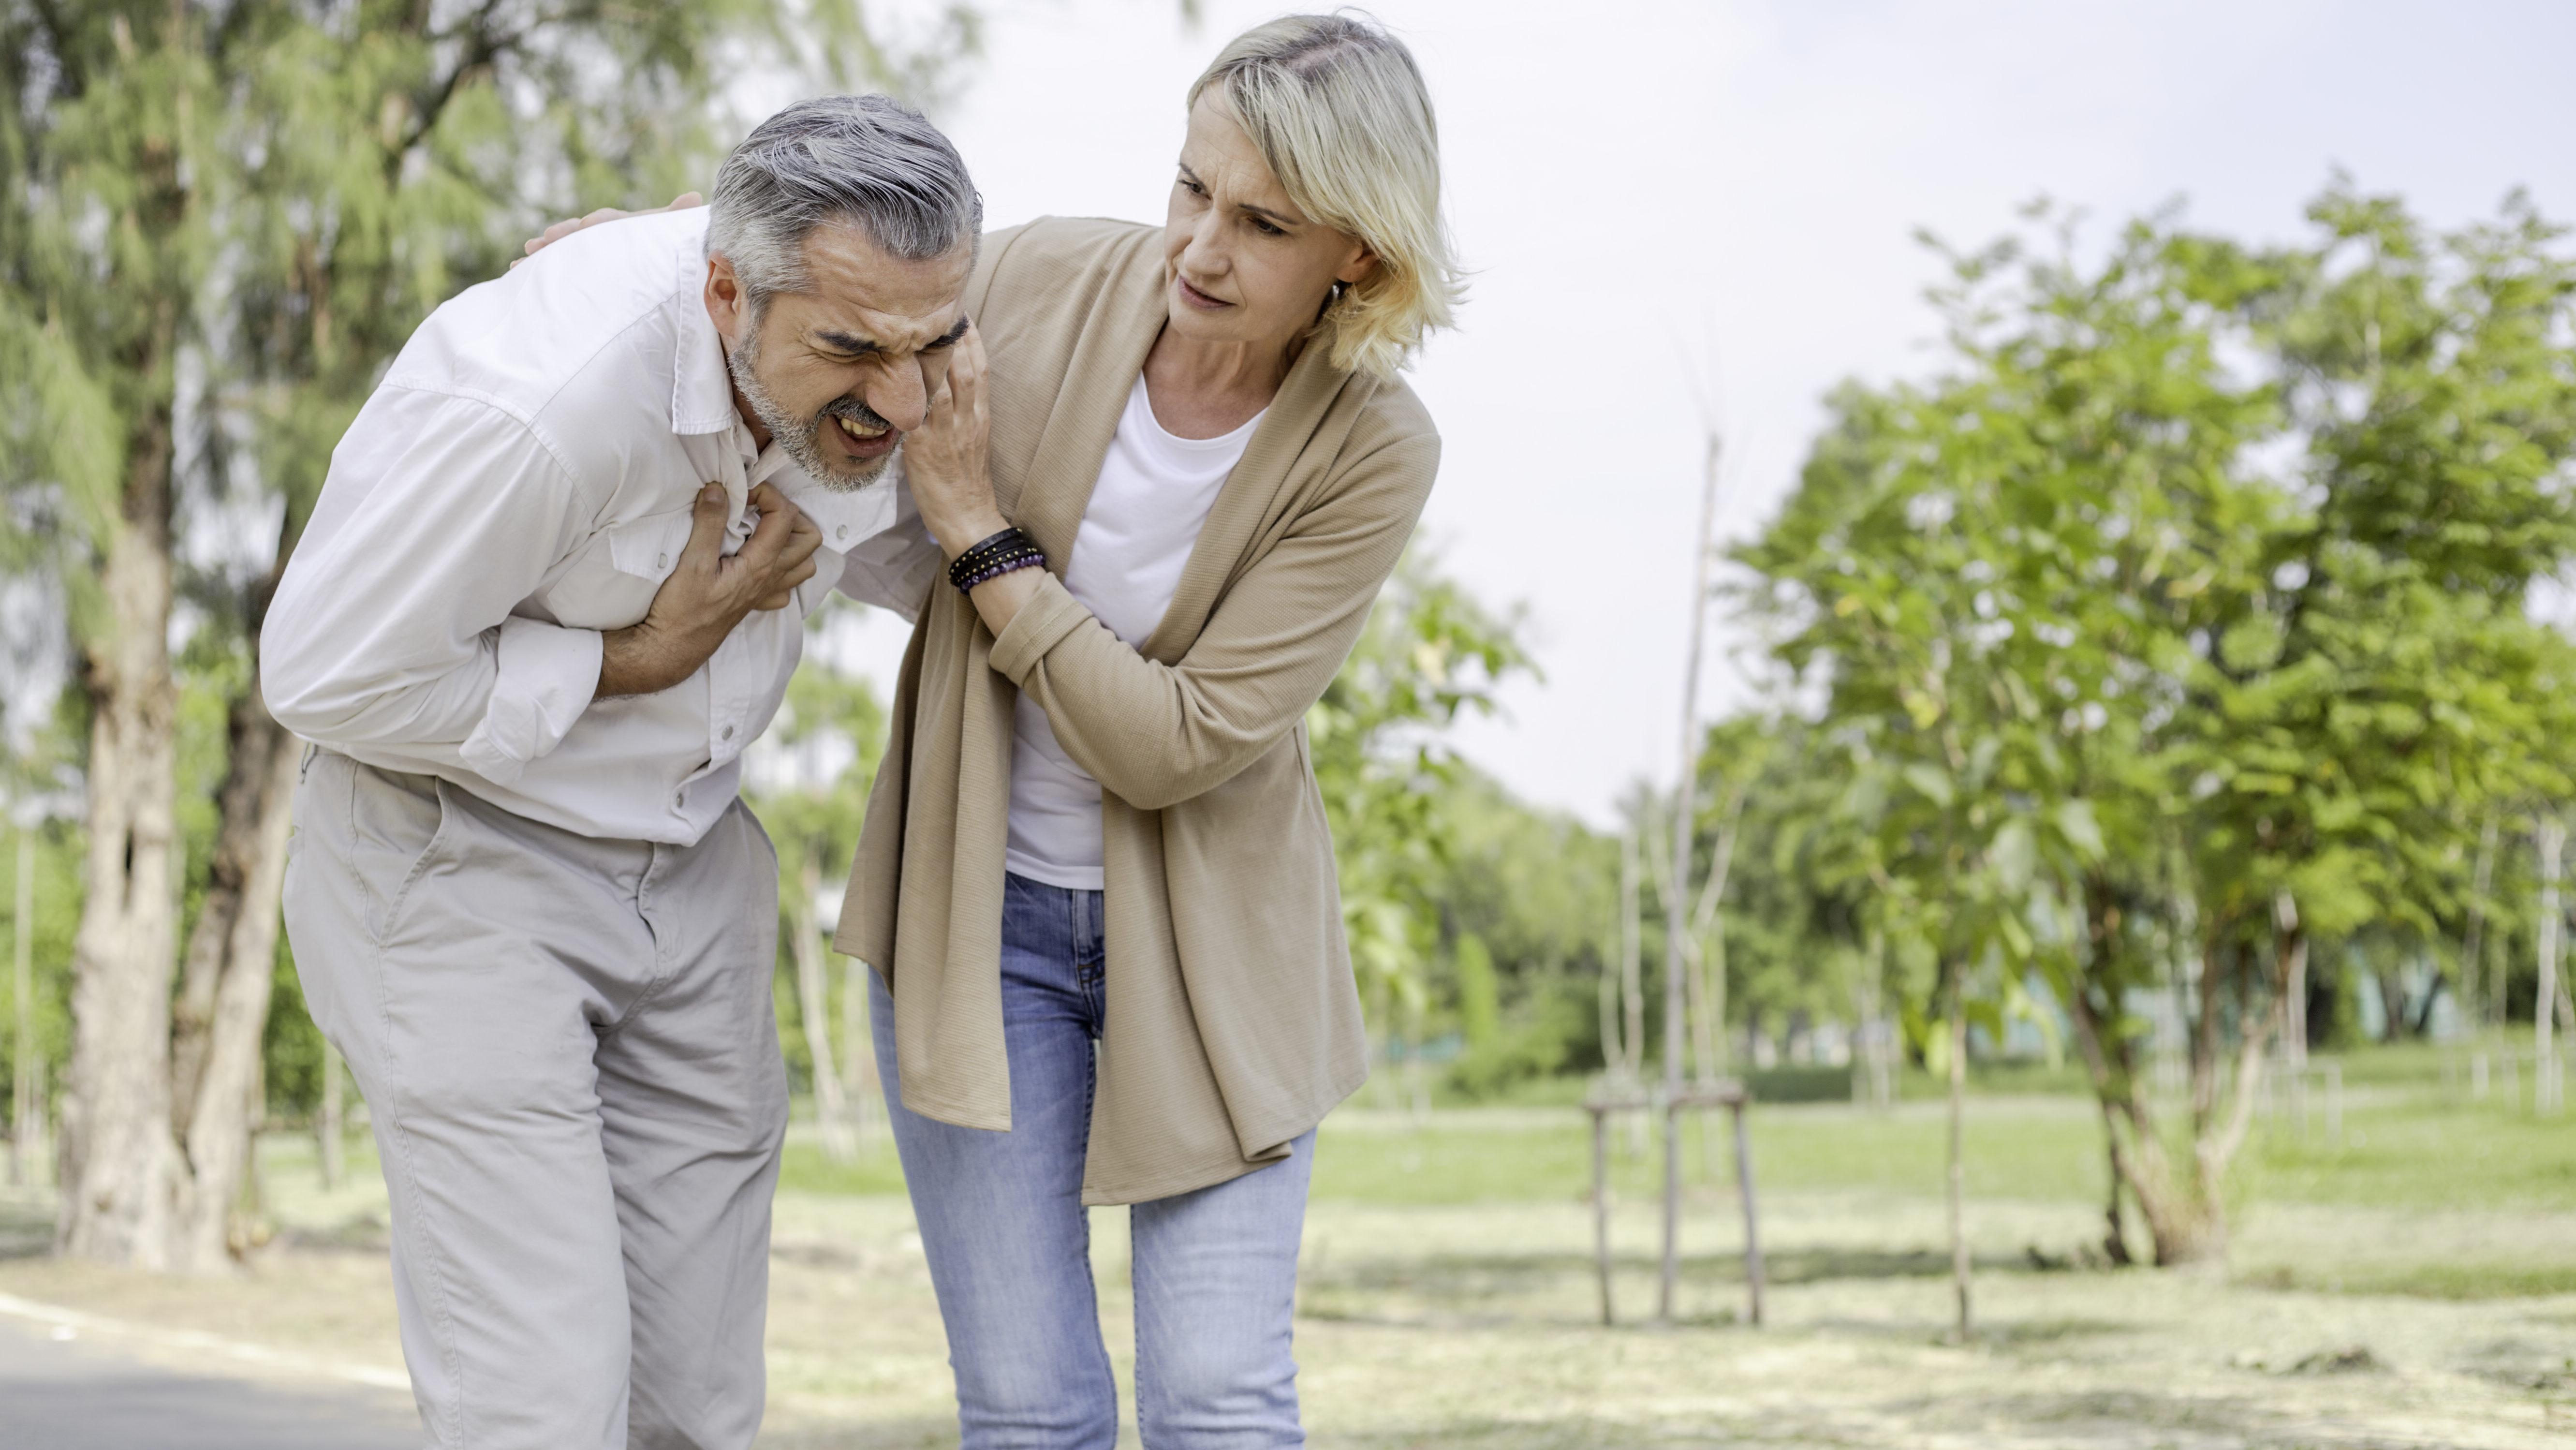 kezelés metotrexáttal pikkelysömörhöz